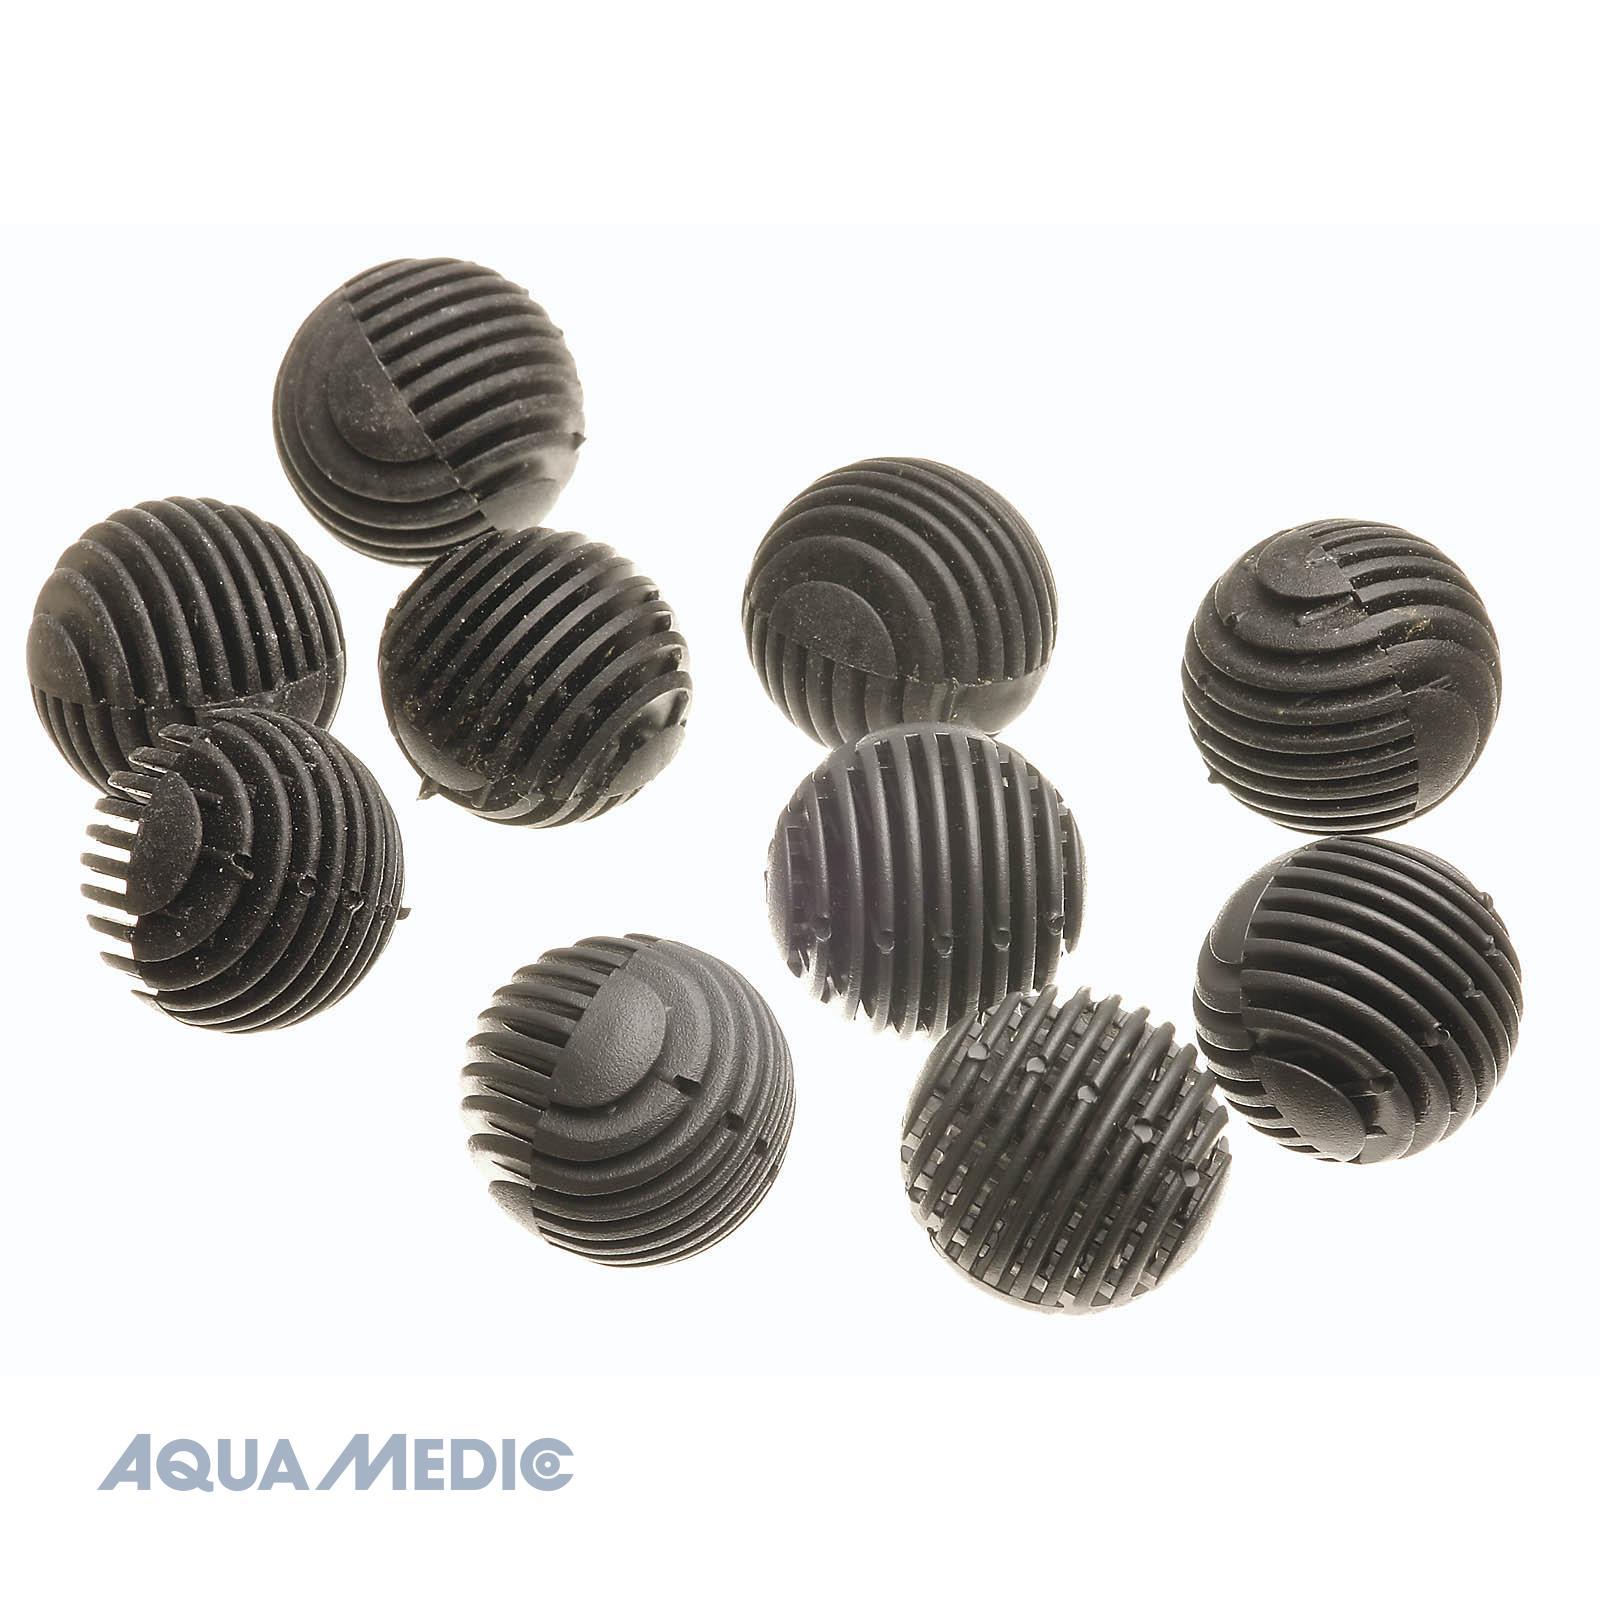 Aquamedic Bactoballs